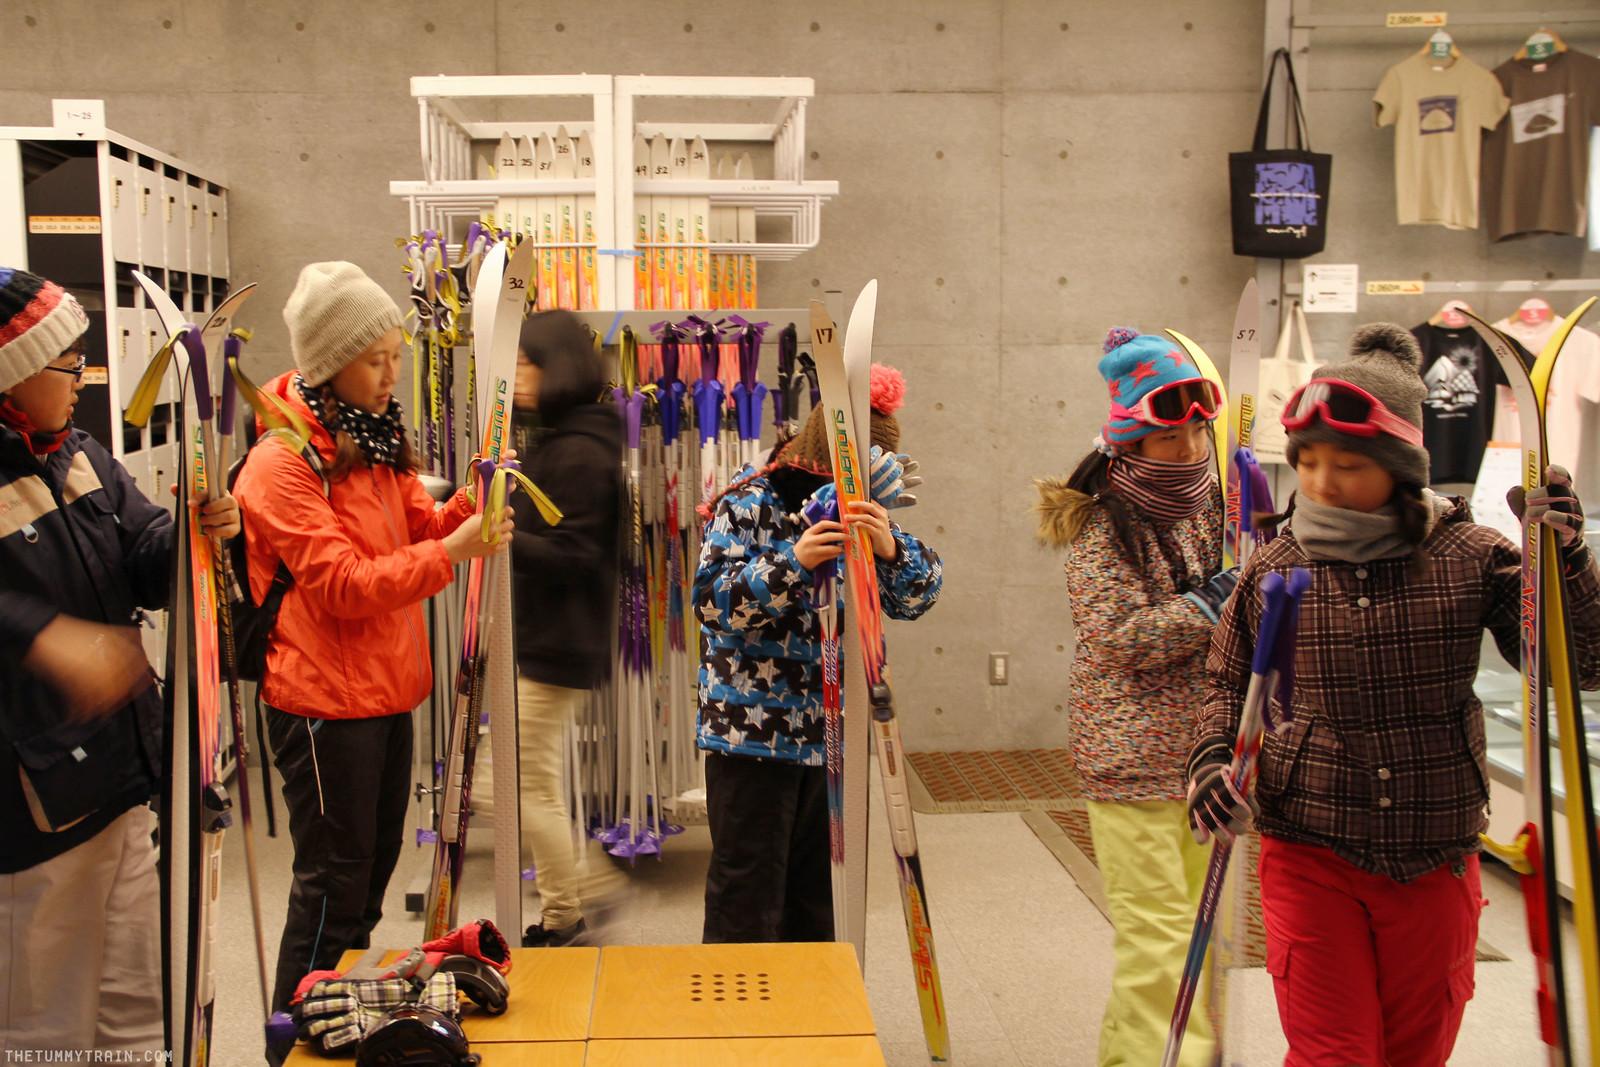 32101705223 ce5973e3fe h - Sapporo Snow And Smile: 8 Unforgettable Winter Experiences in Sapporo City